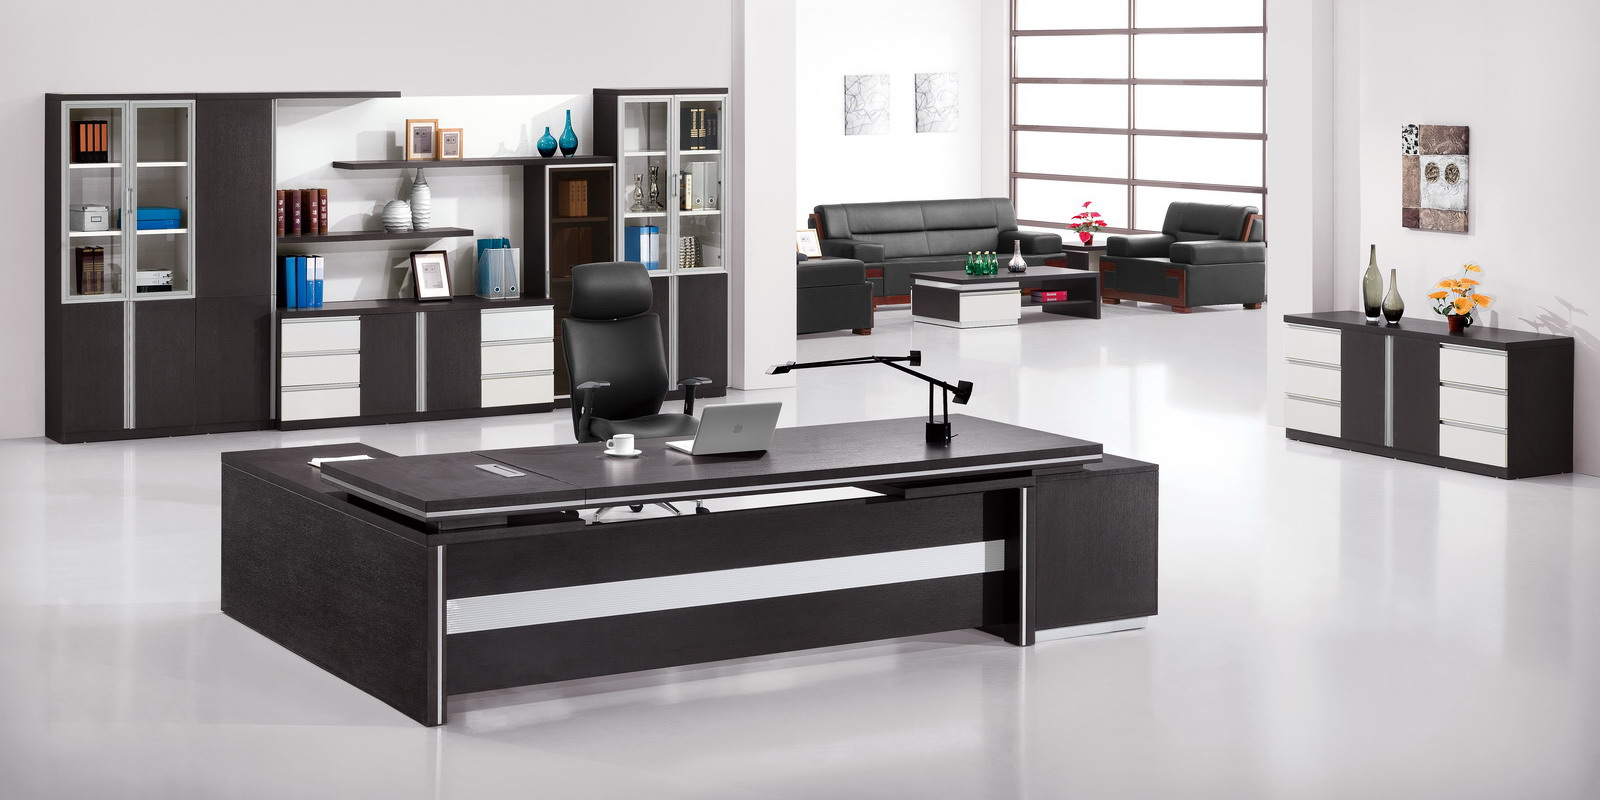 Дизайнерская мебель для офиса в черном цвете